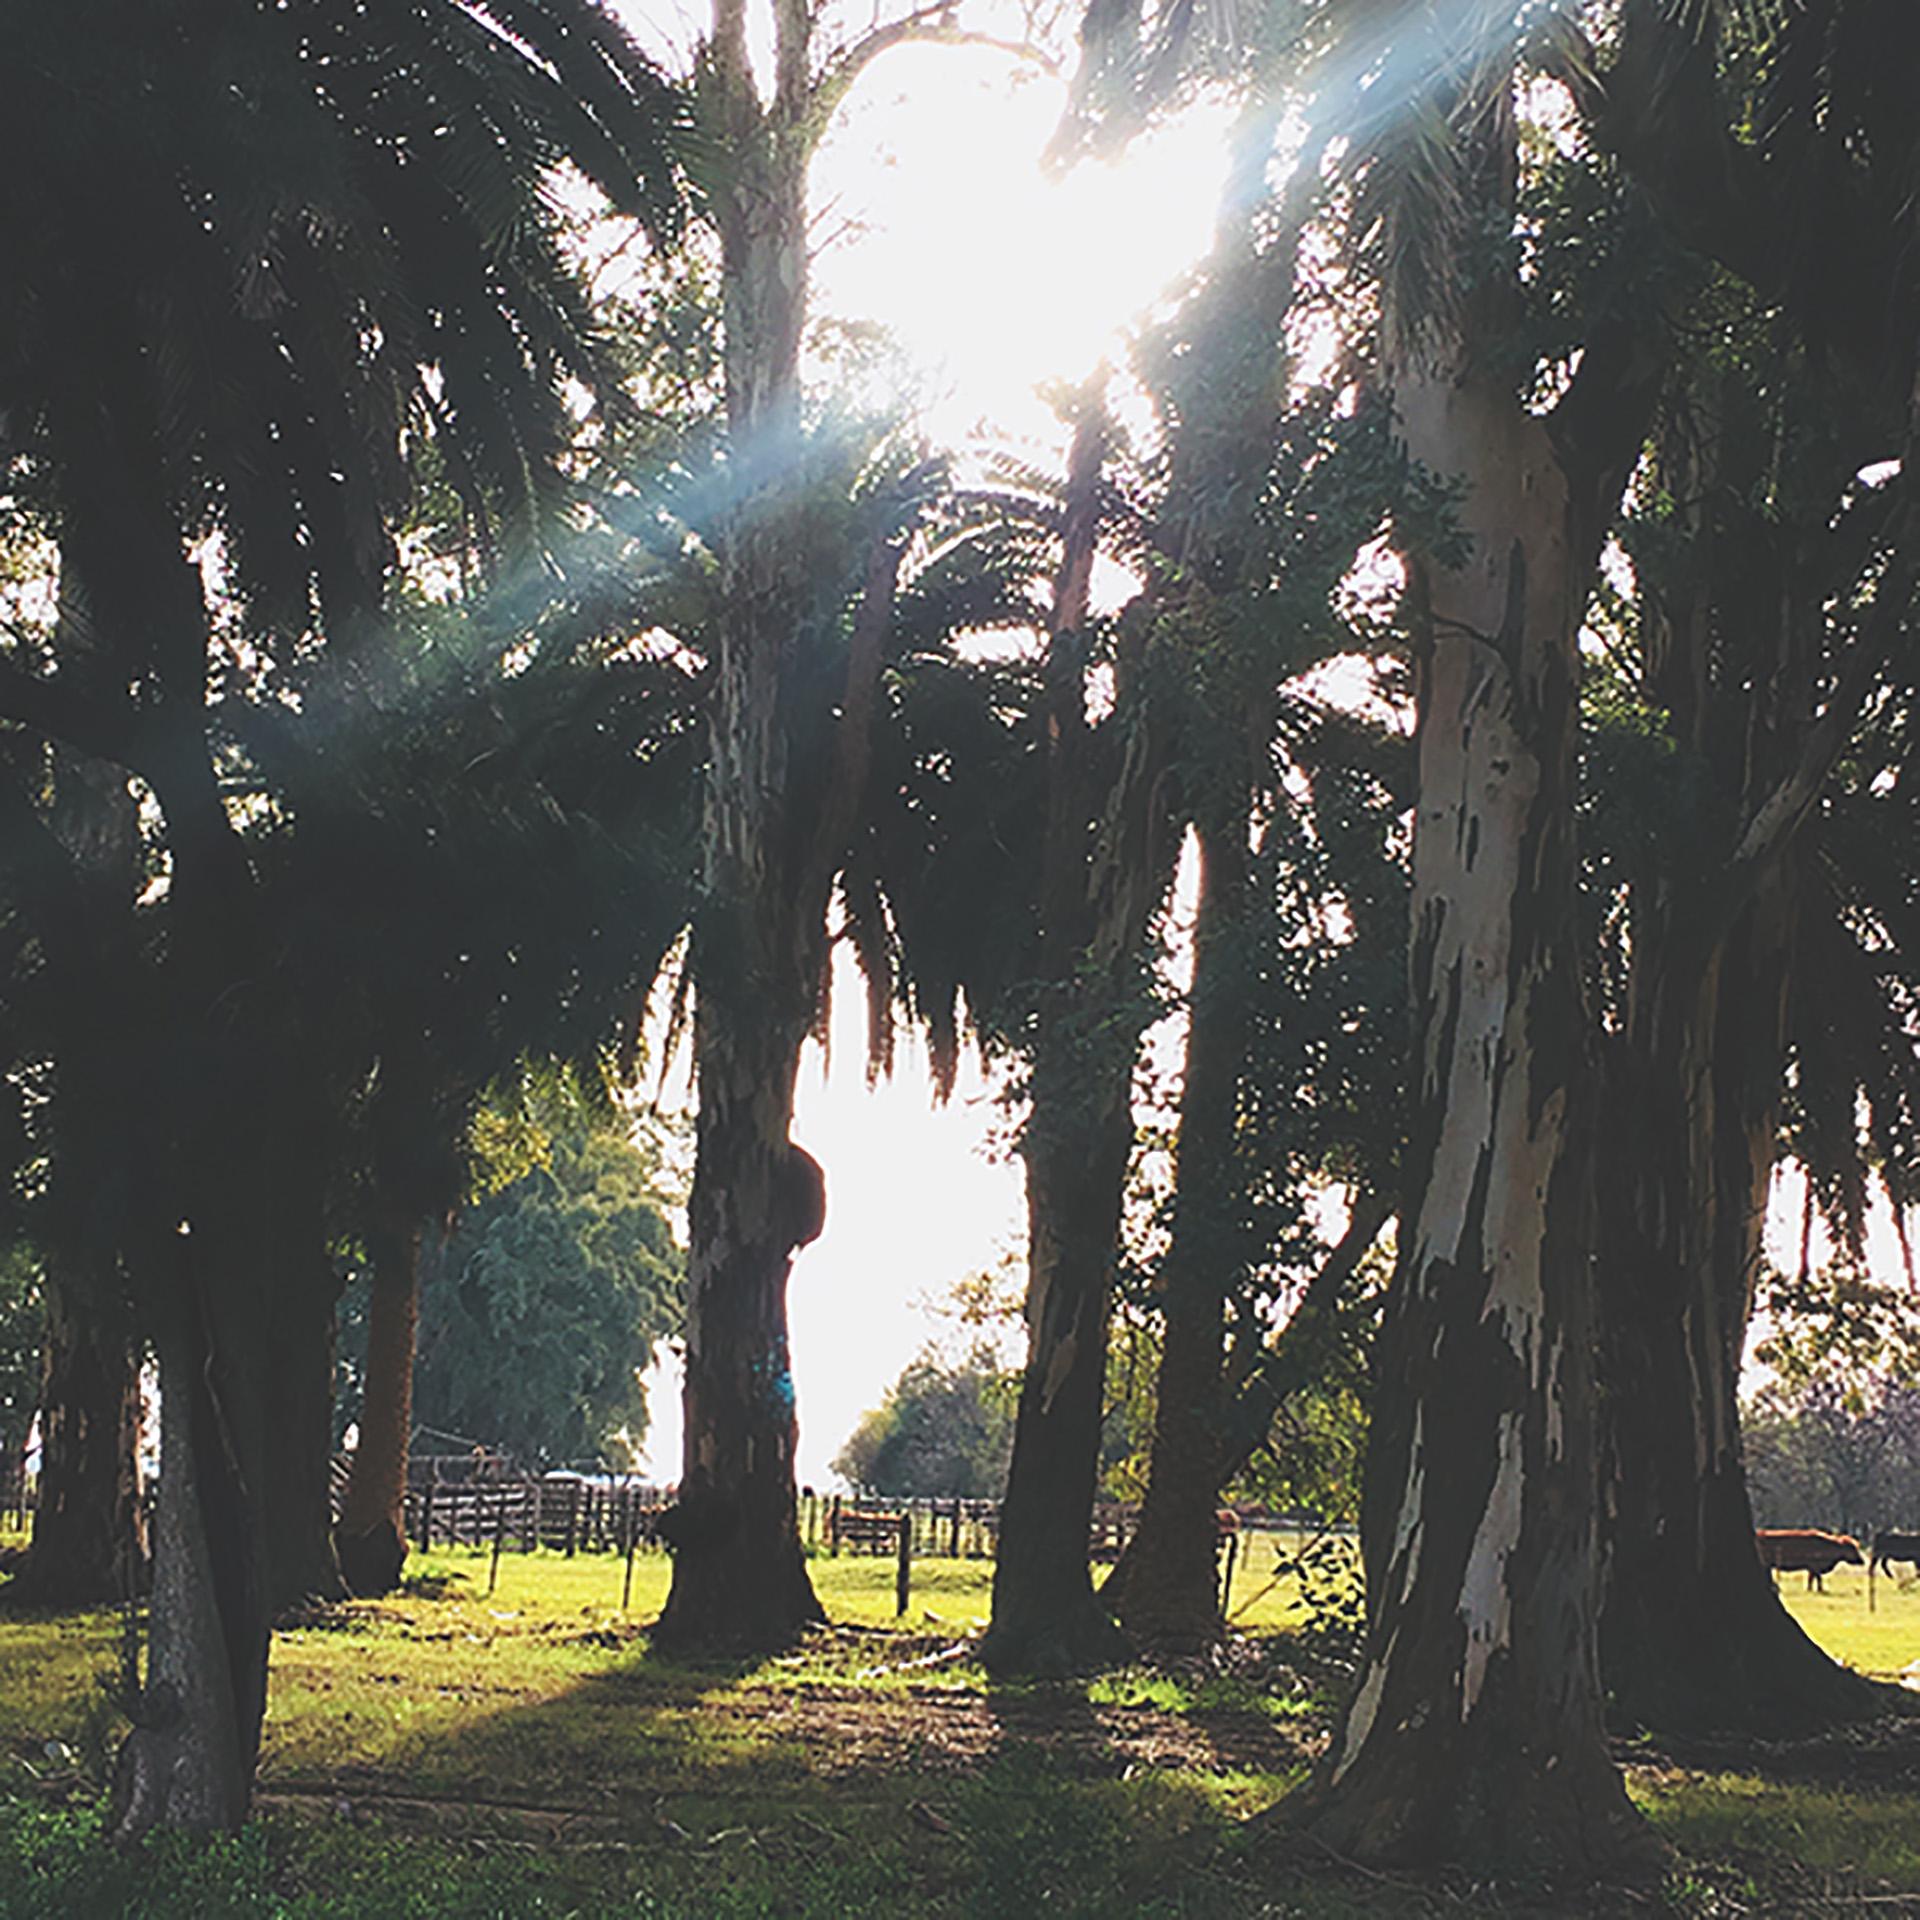 Más de 200 especies de árboles a lo largo de las hectáreas